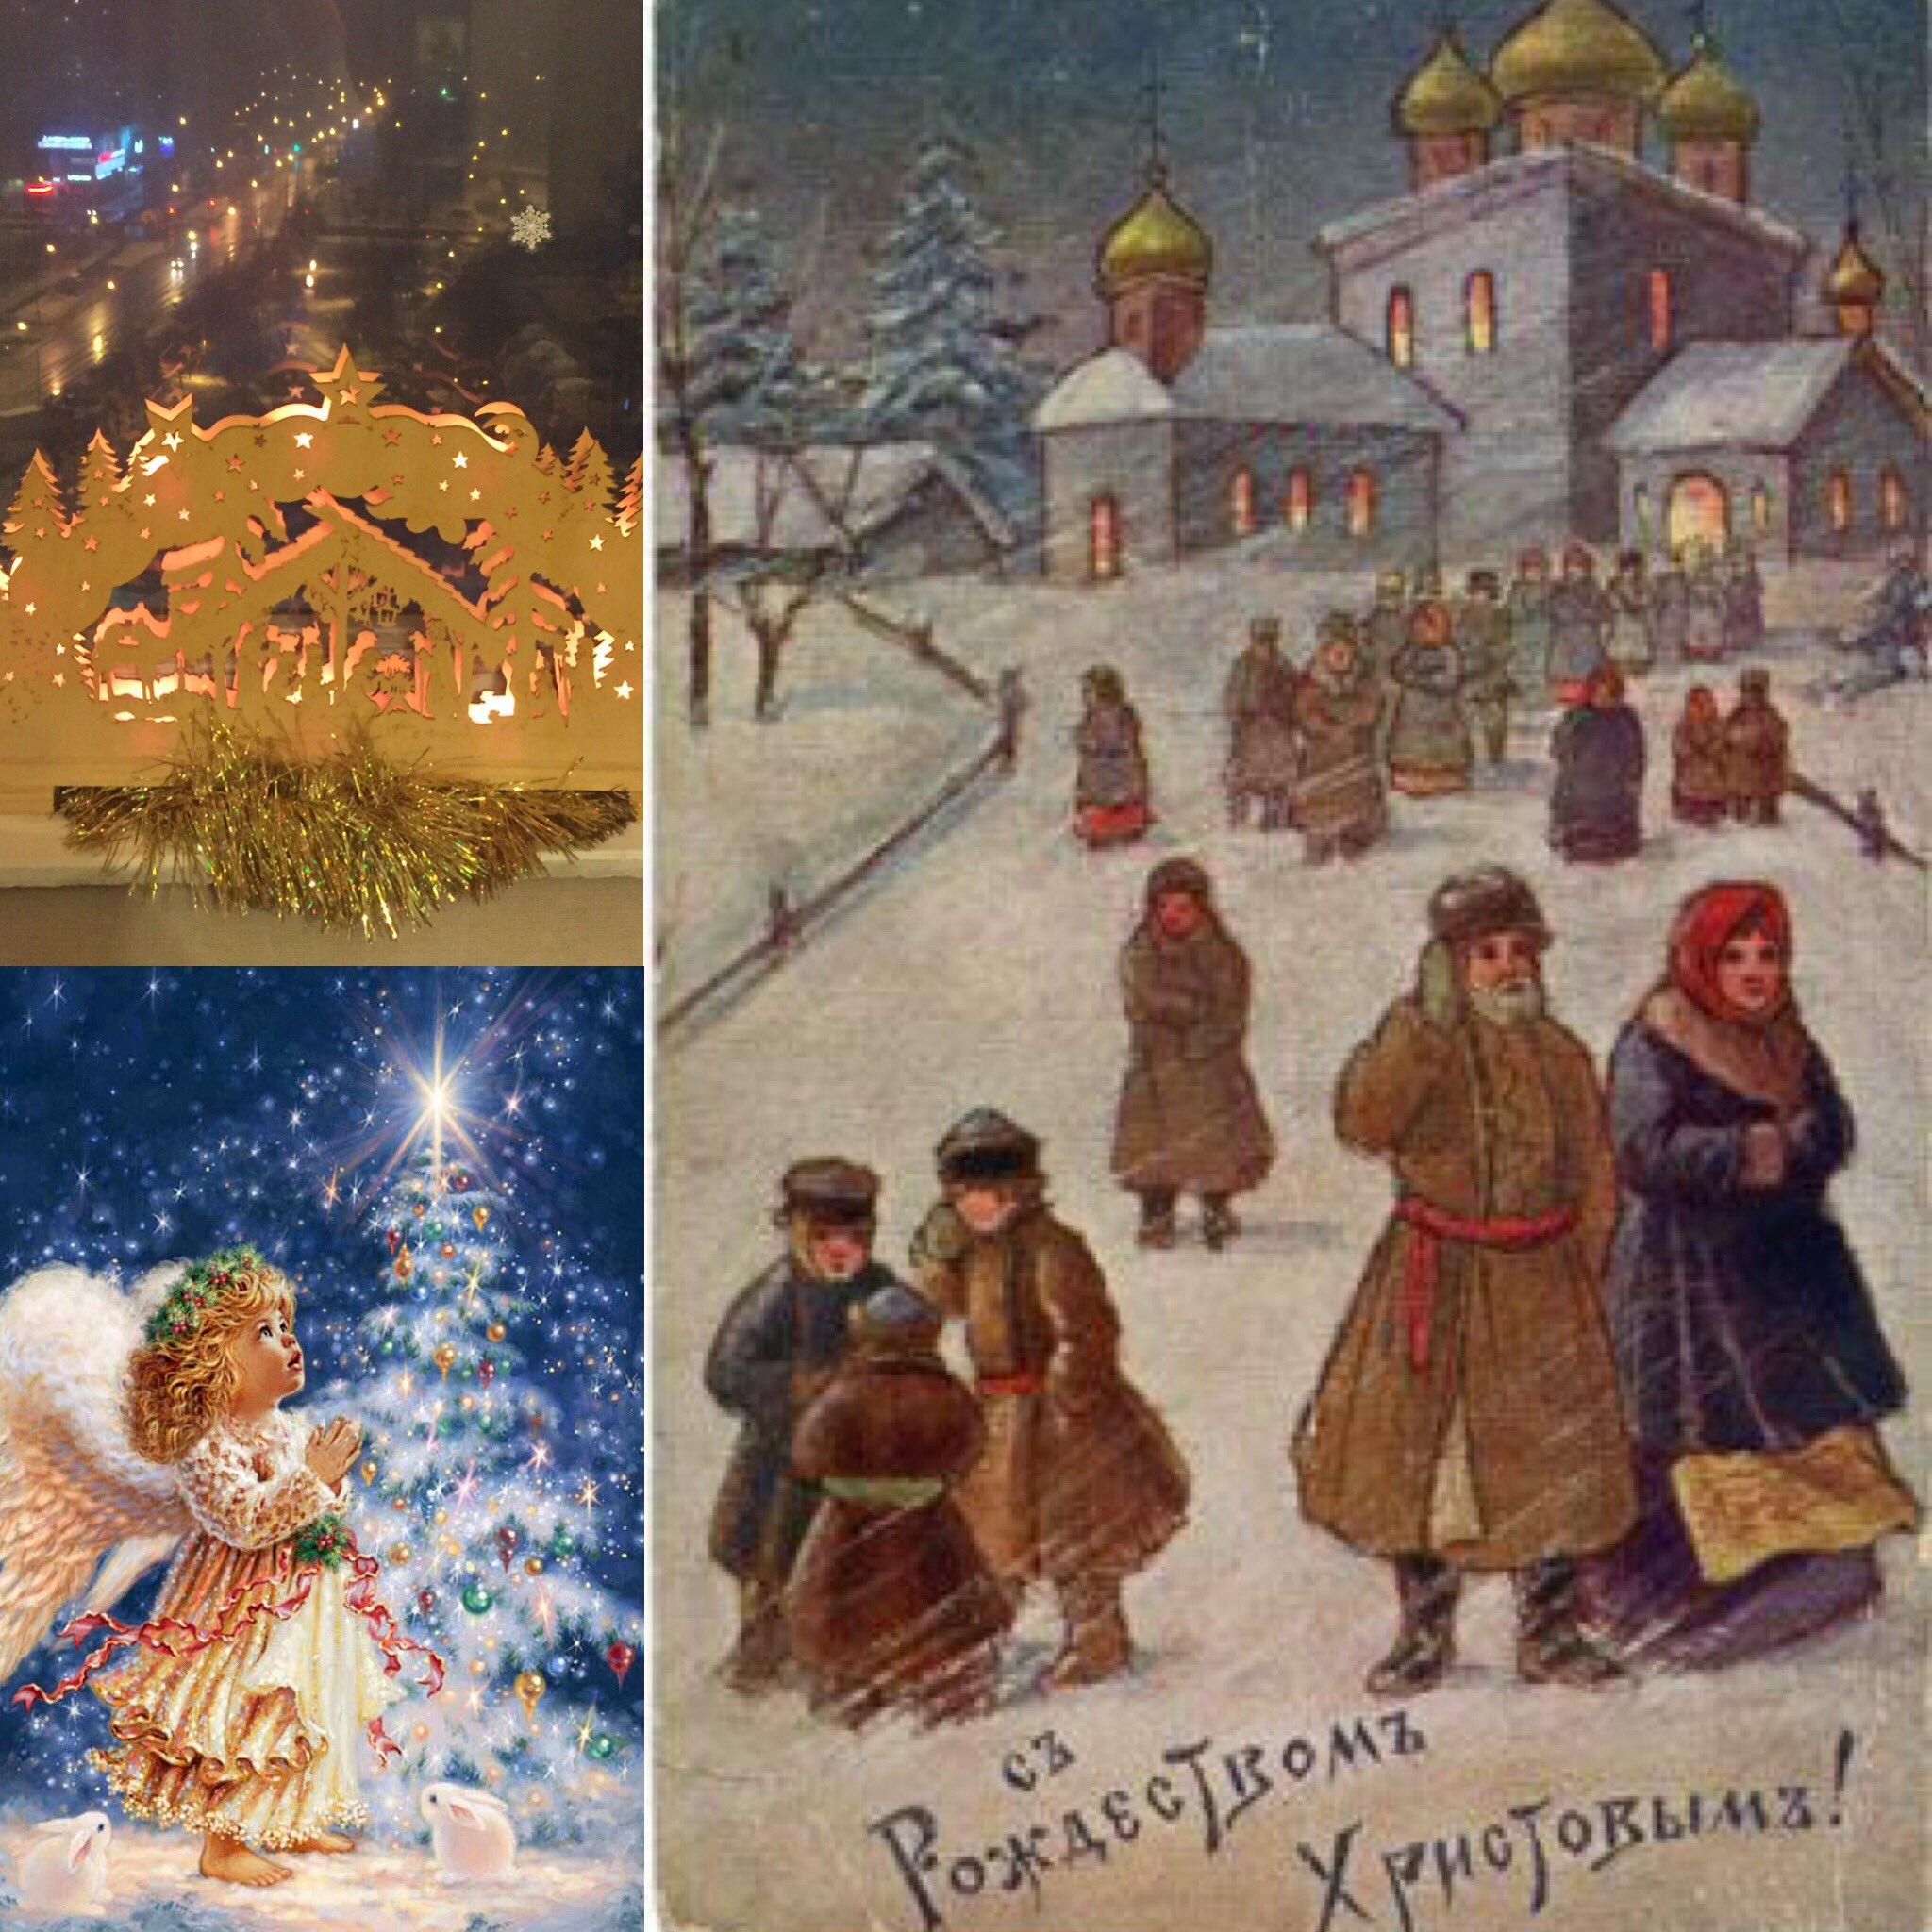 Ссср картинки с рождеством, надписью днем